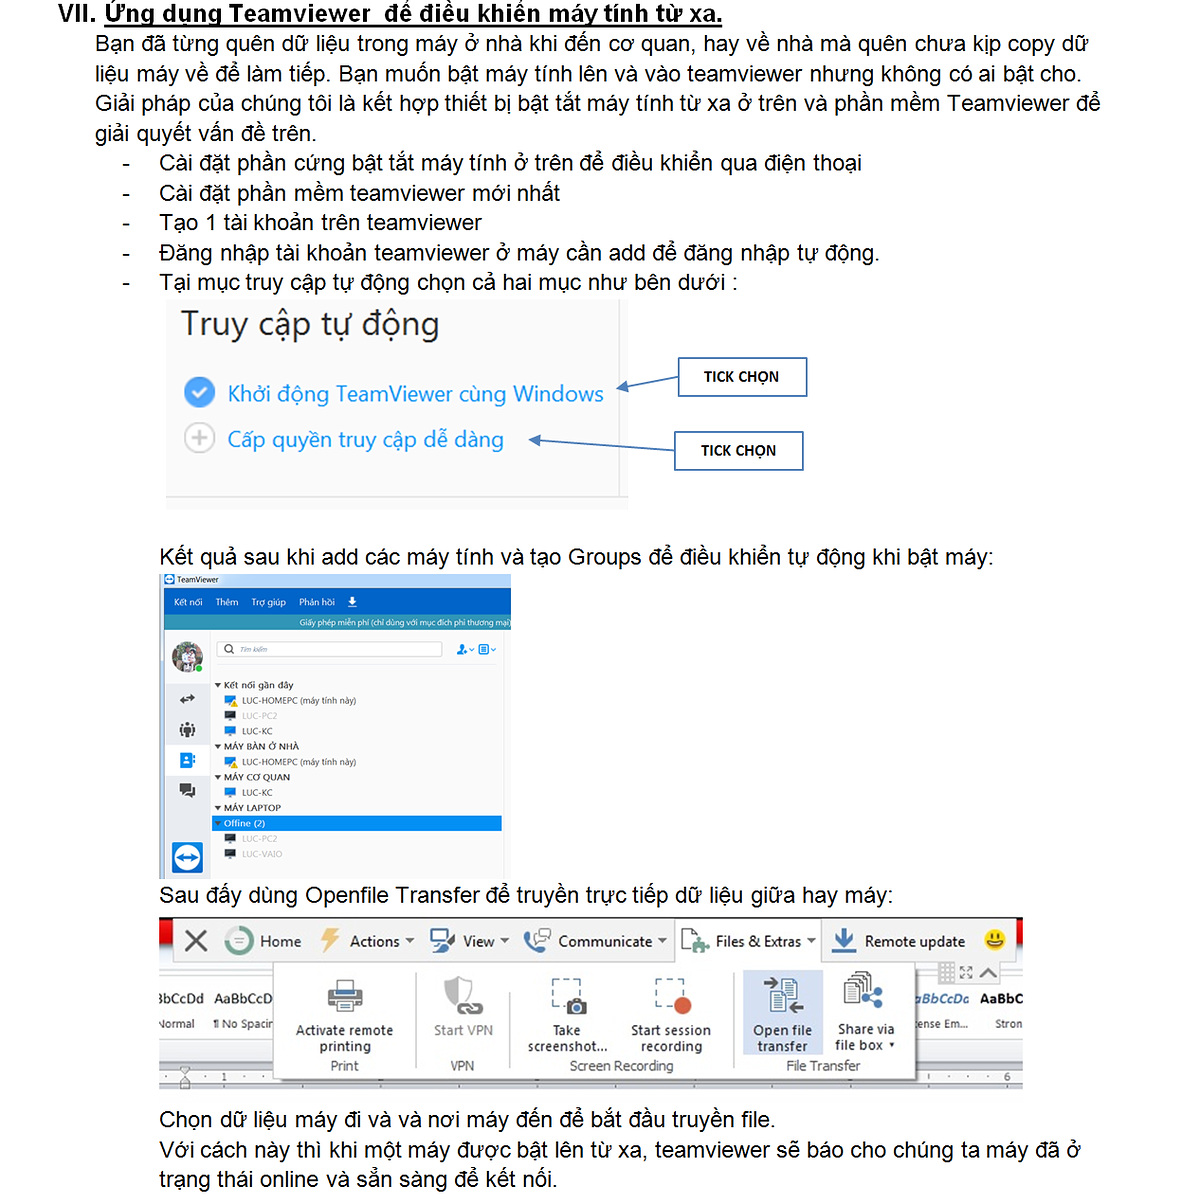 Bật tắt máy tính bằng wifi - Truyền dữ liệu qua Teamviewer